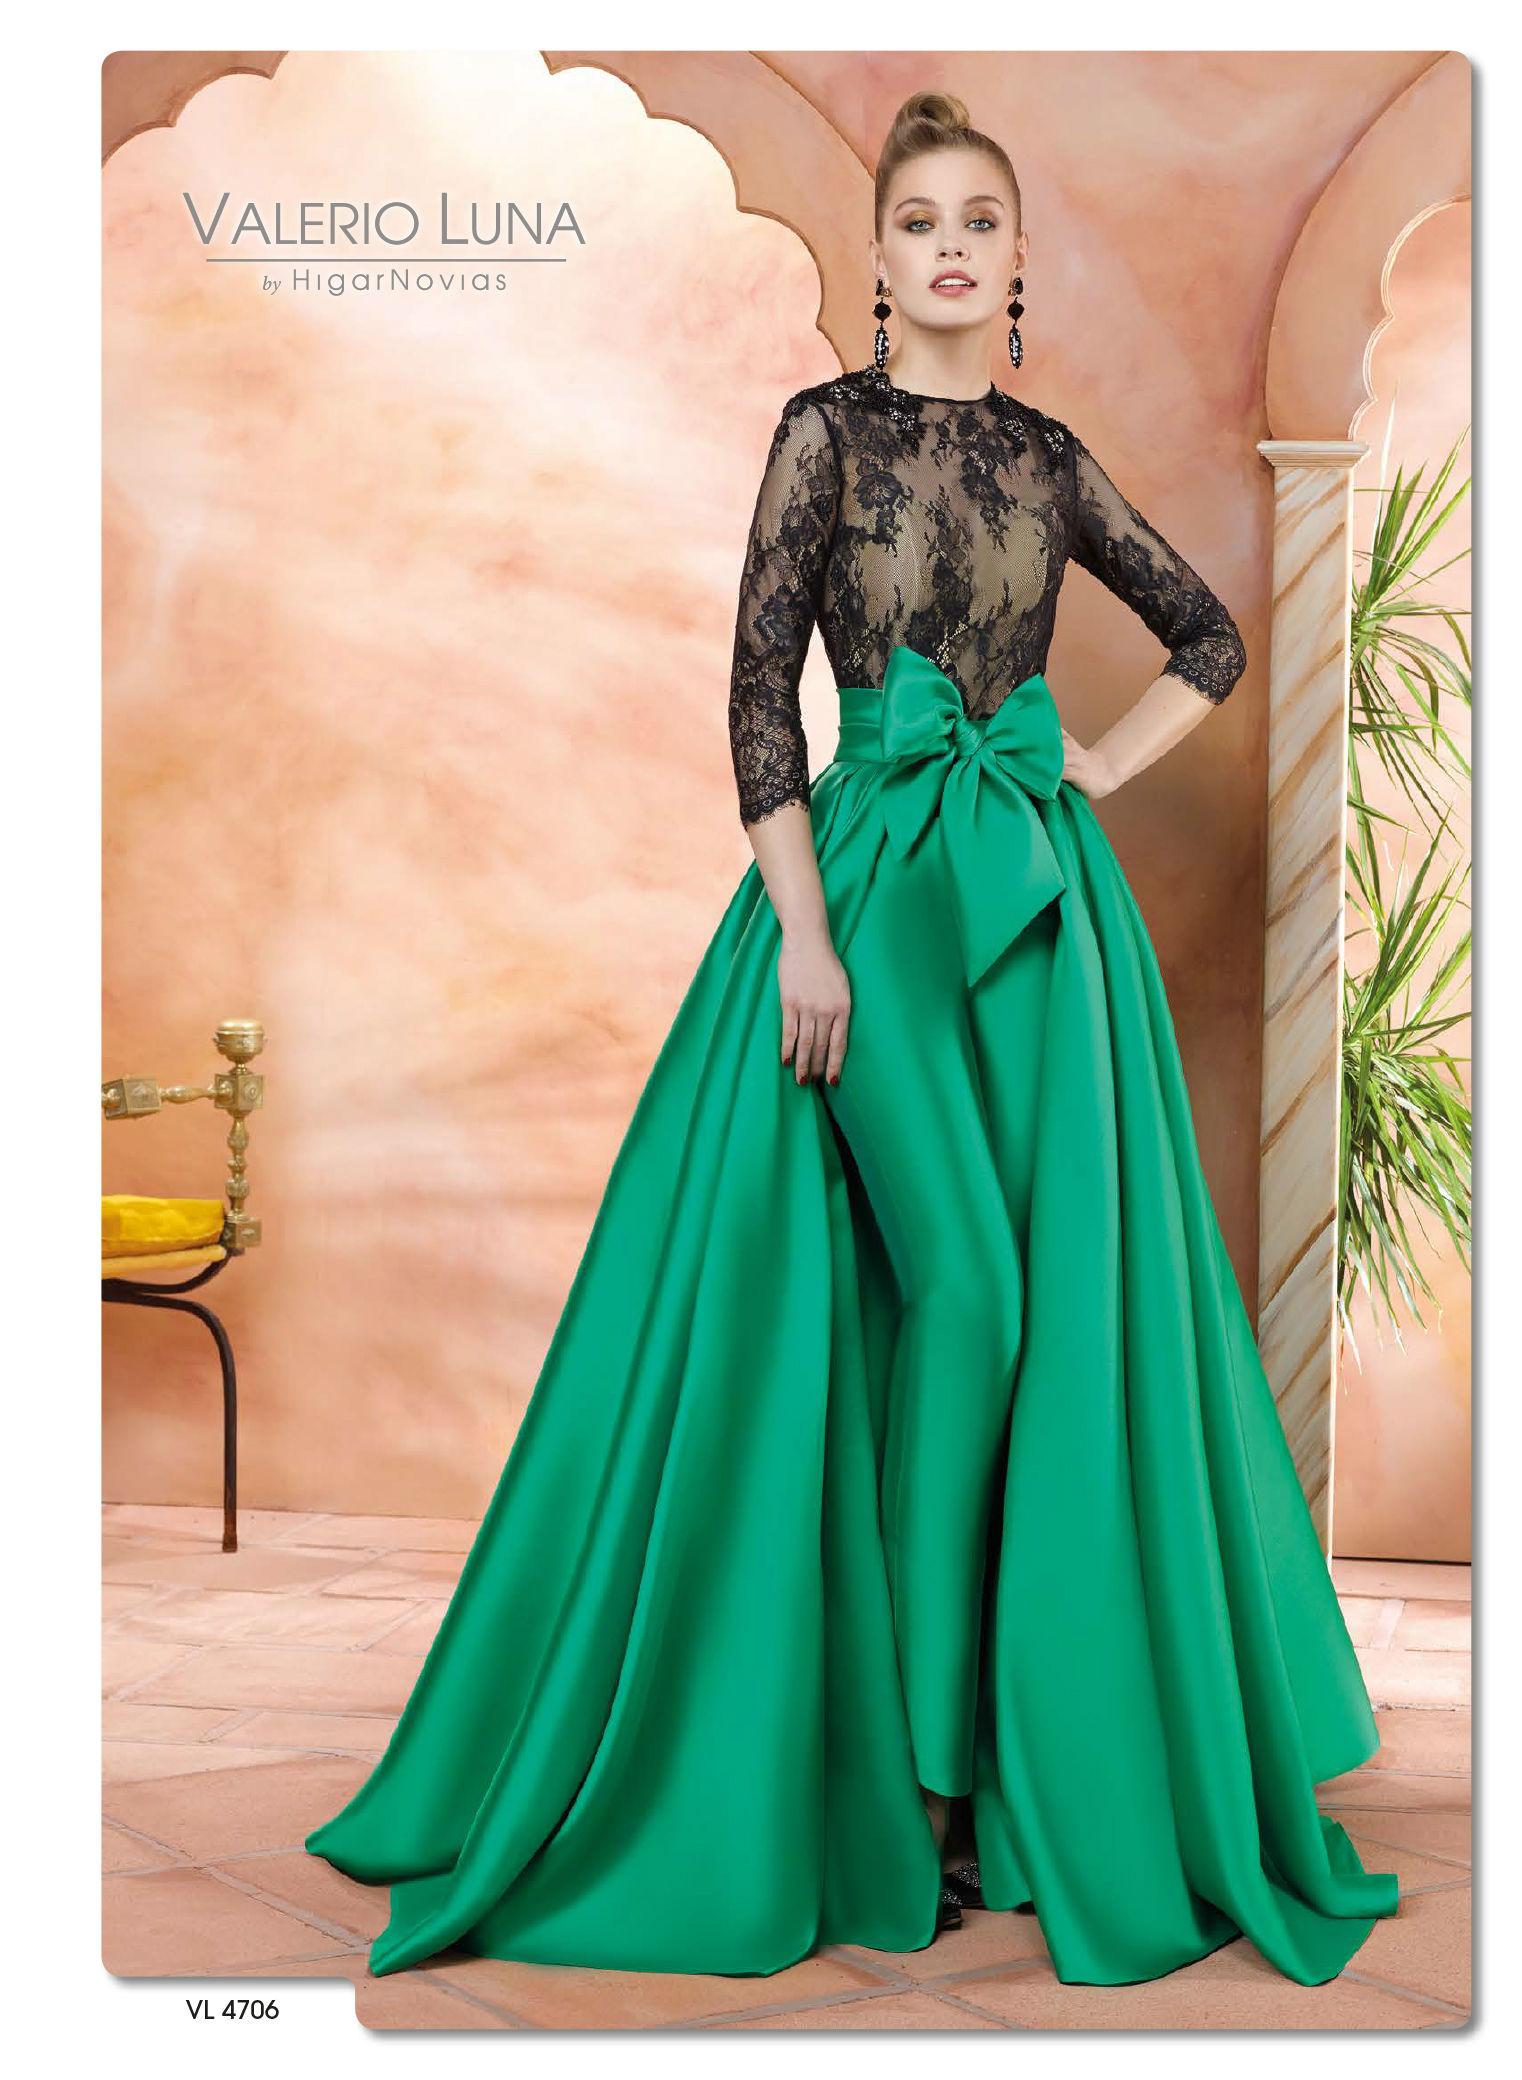 Elige el pantalón para ir de boda   Blog HigarNovias